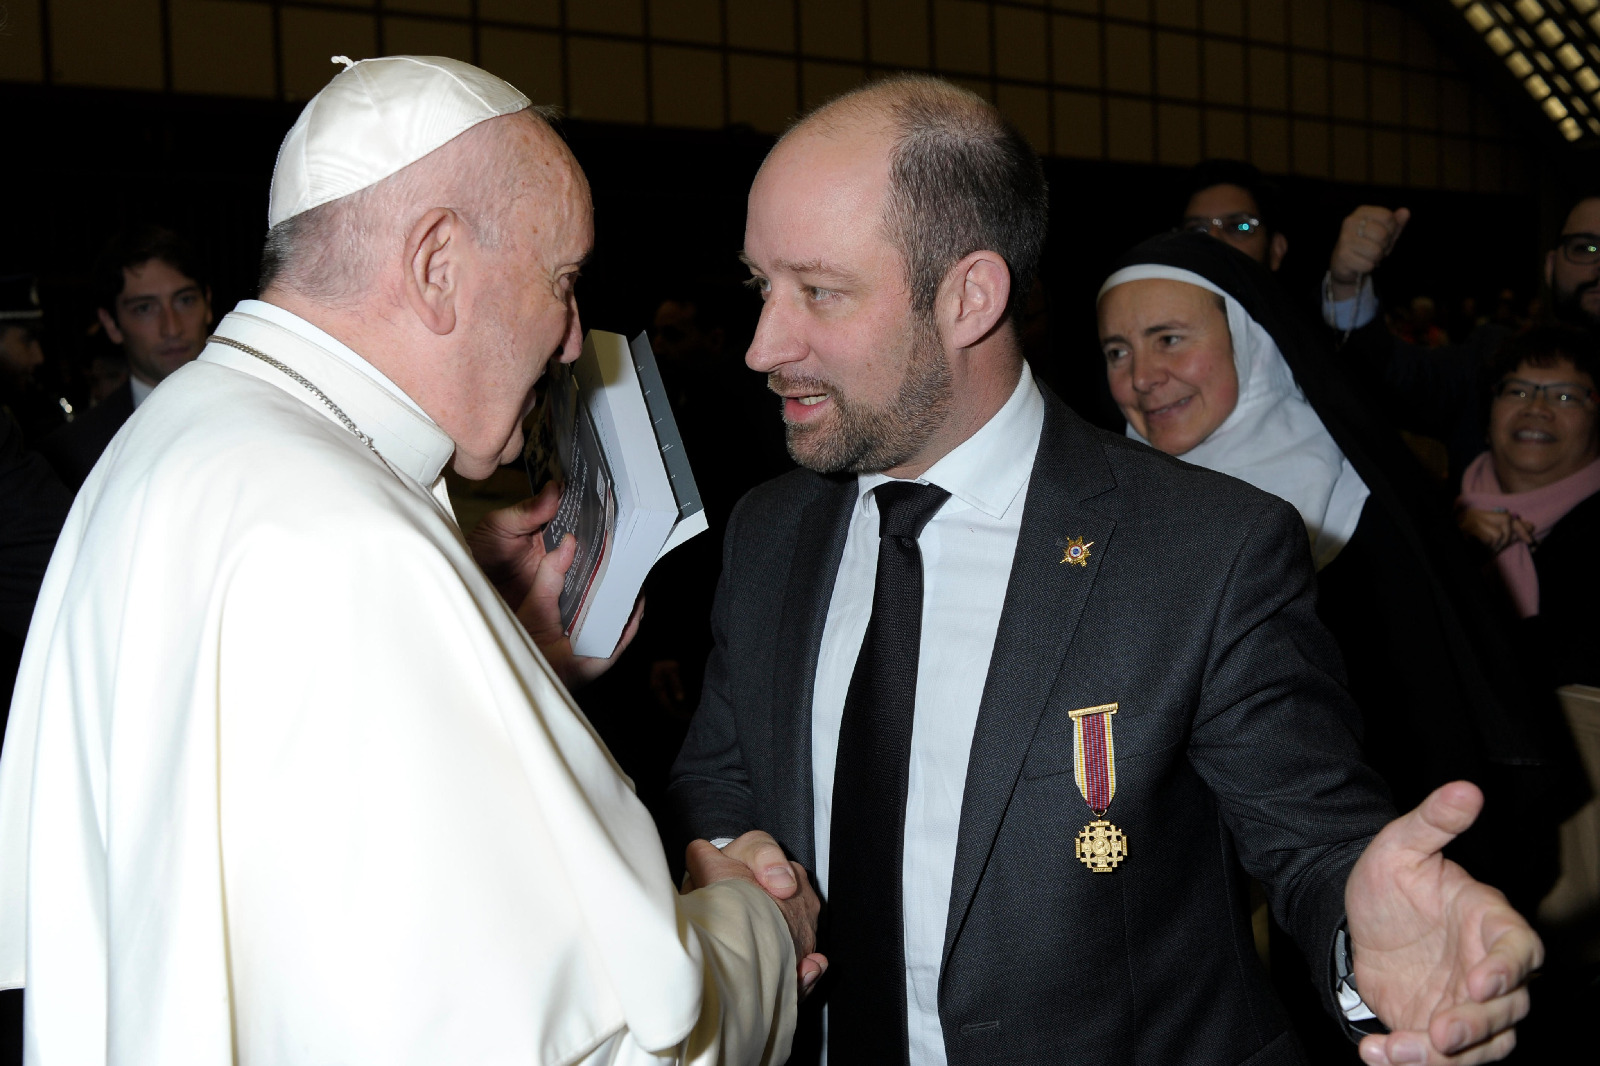 À quelques jours de Noël, Loïc HERVÉ a rencontré le Pape François à Rome